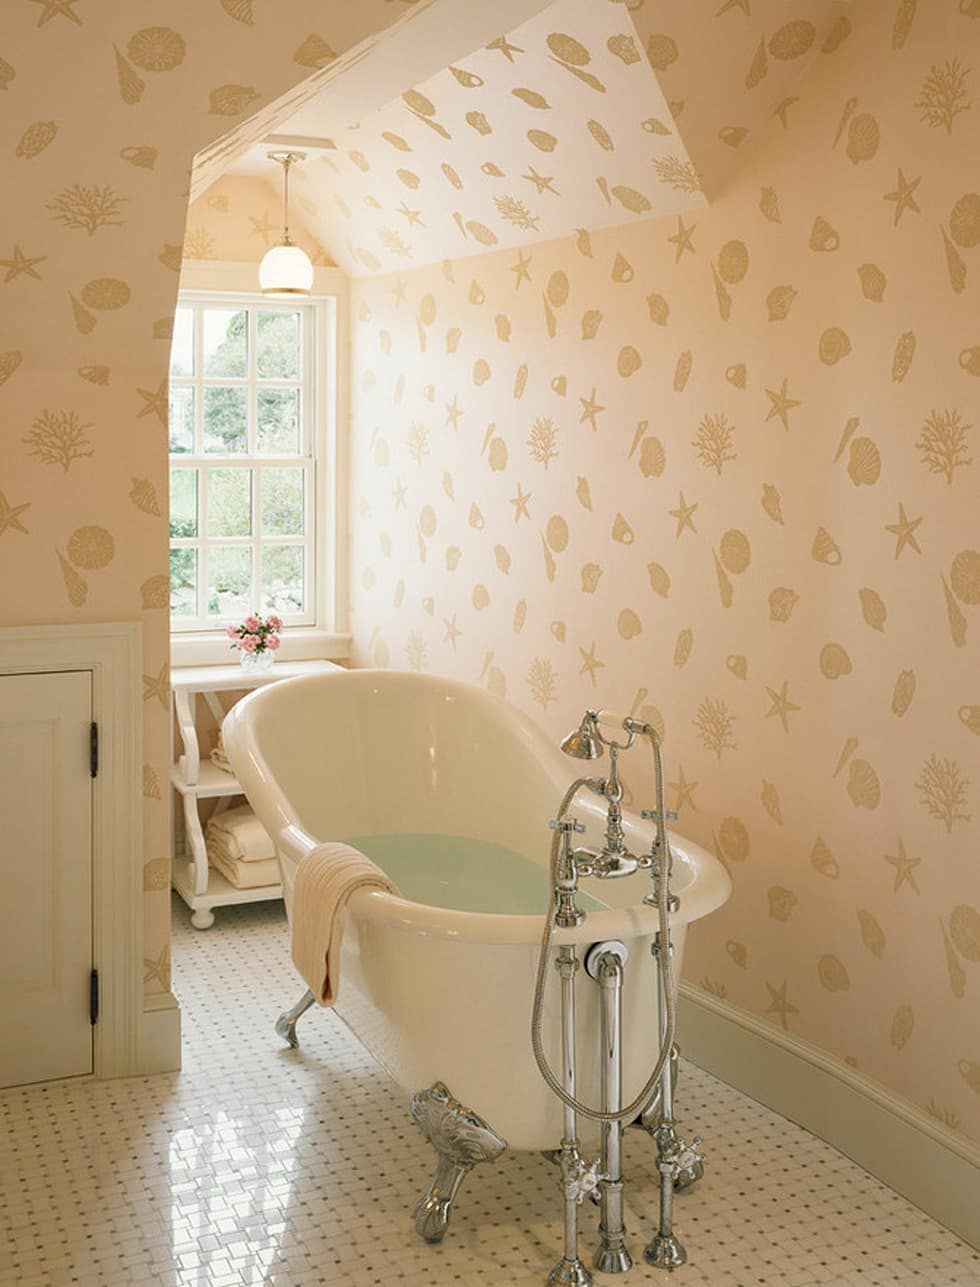 Fotos de baños de estilo : tina de baño minimalista